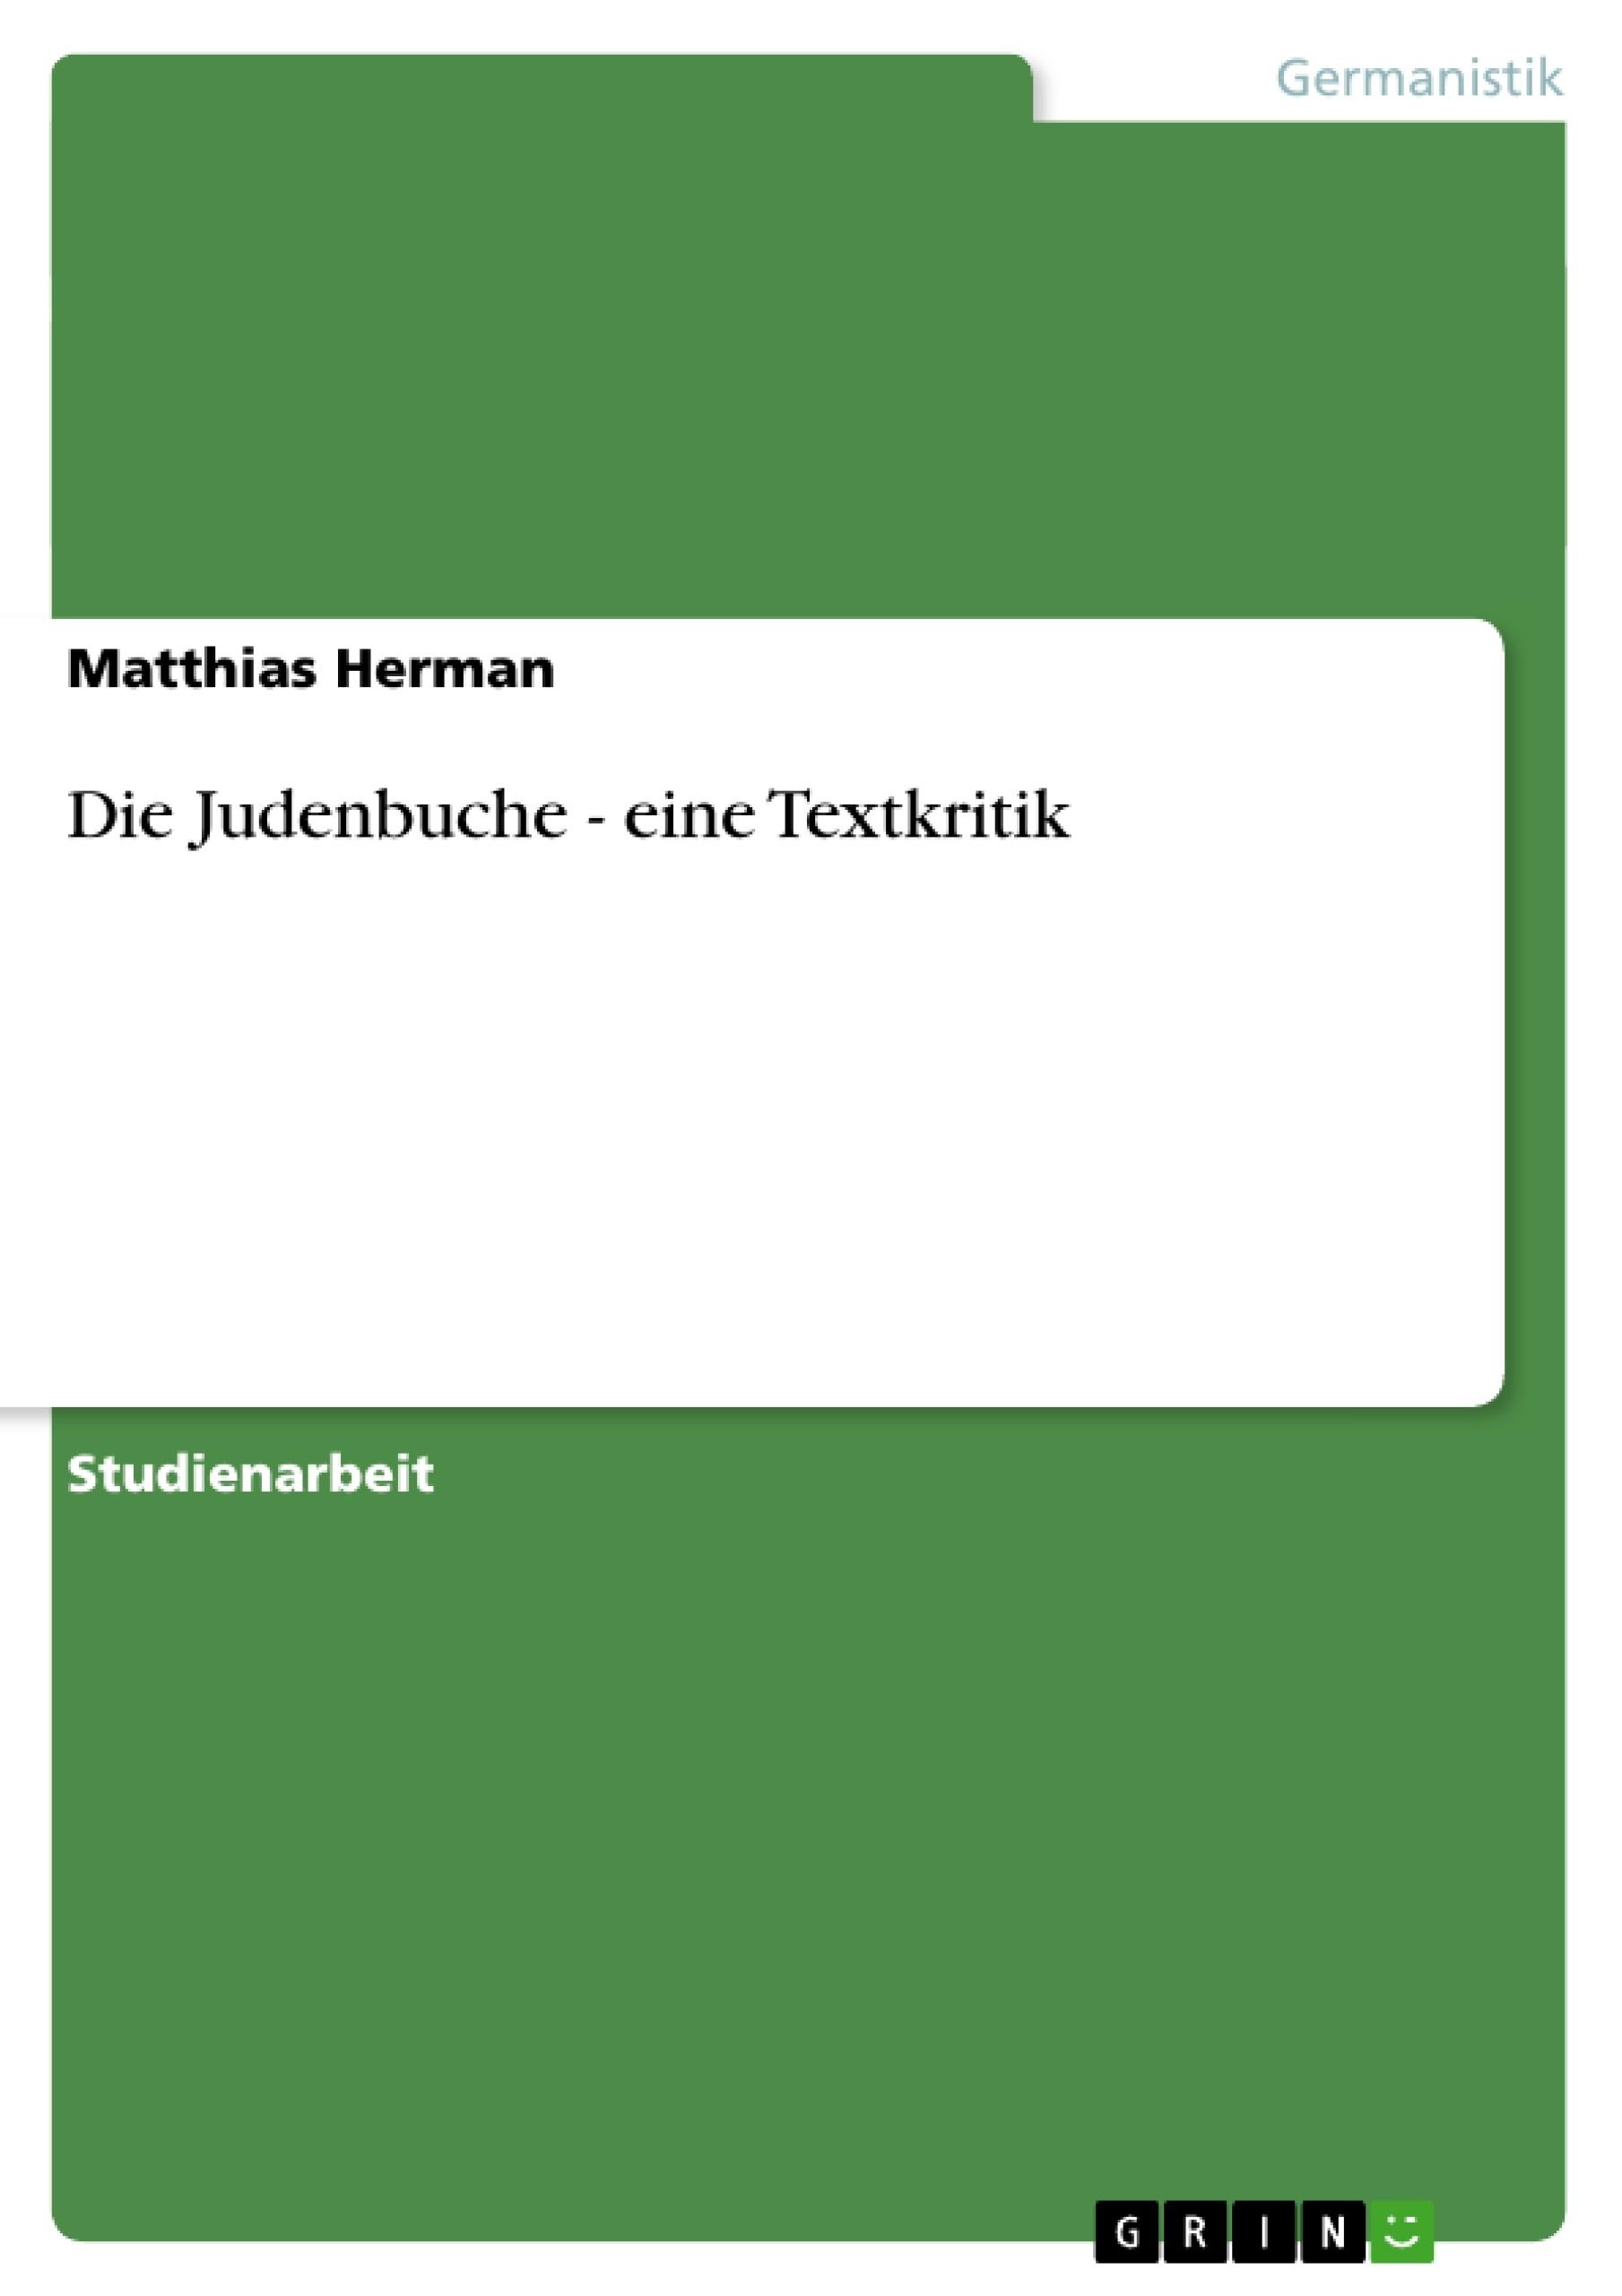 Titel: Die Judenbuche - eine Textkritik